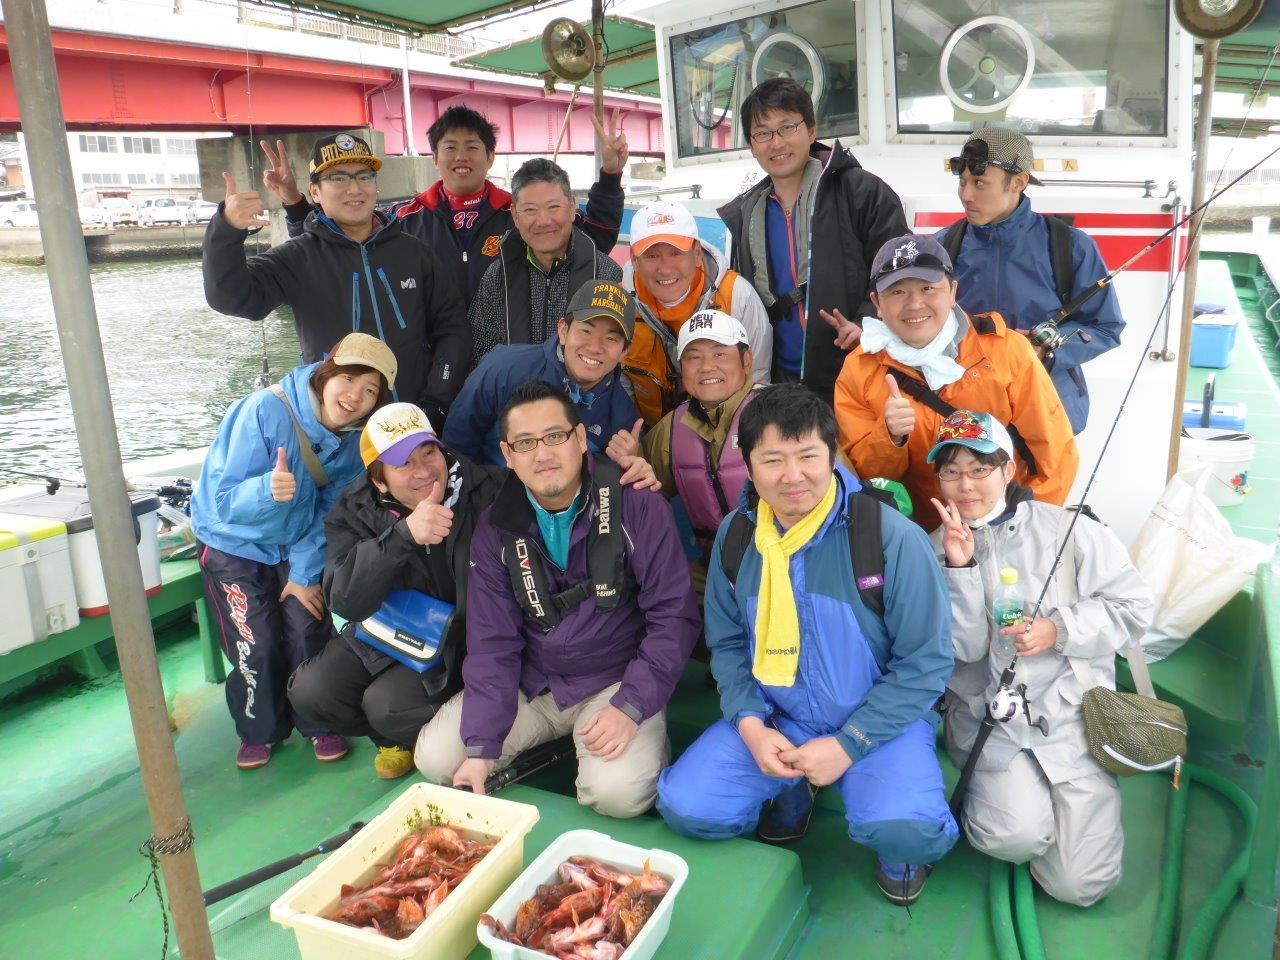 一隻まるごと貸切!中型船(26名定員)加太で釣り船体験